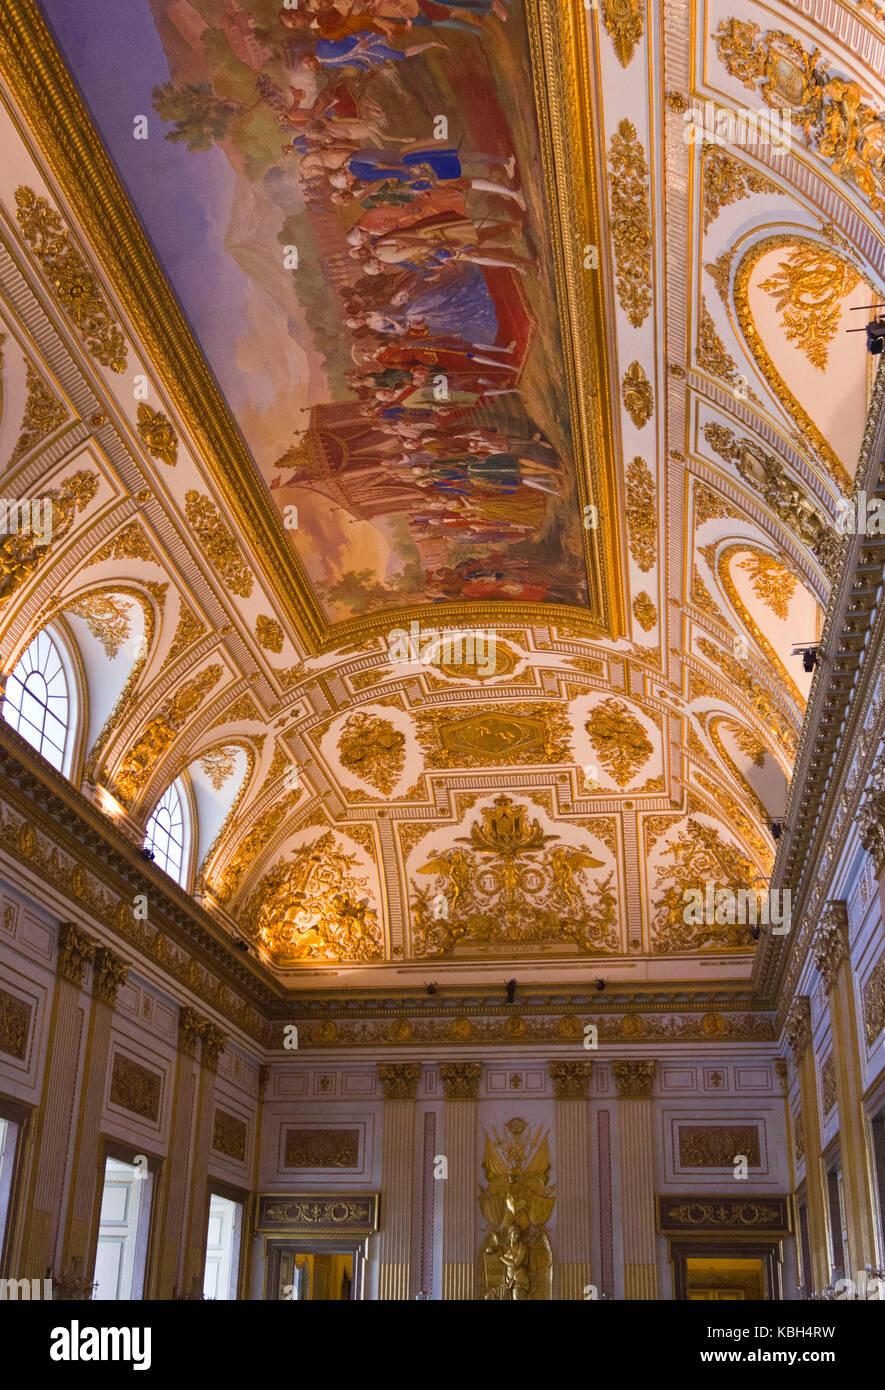 Le fontane della reggia di caserta. Caserta Italy August 14 2014 Beautiful Ceiling Inside The Throne Room Of Reggia Di Caserta A Unesco World Heritage Site Near Naples Stock Photo Alamy